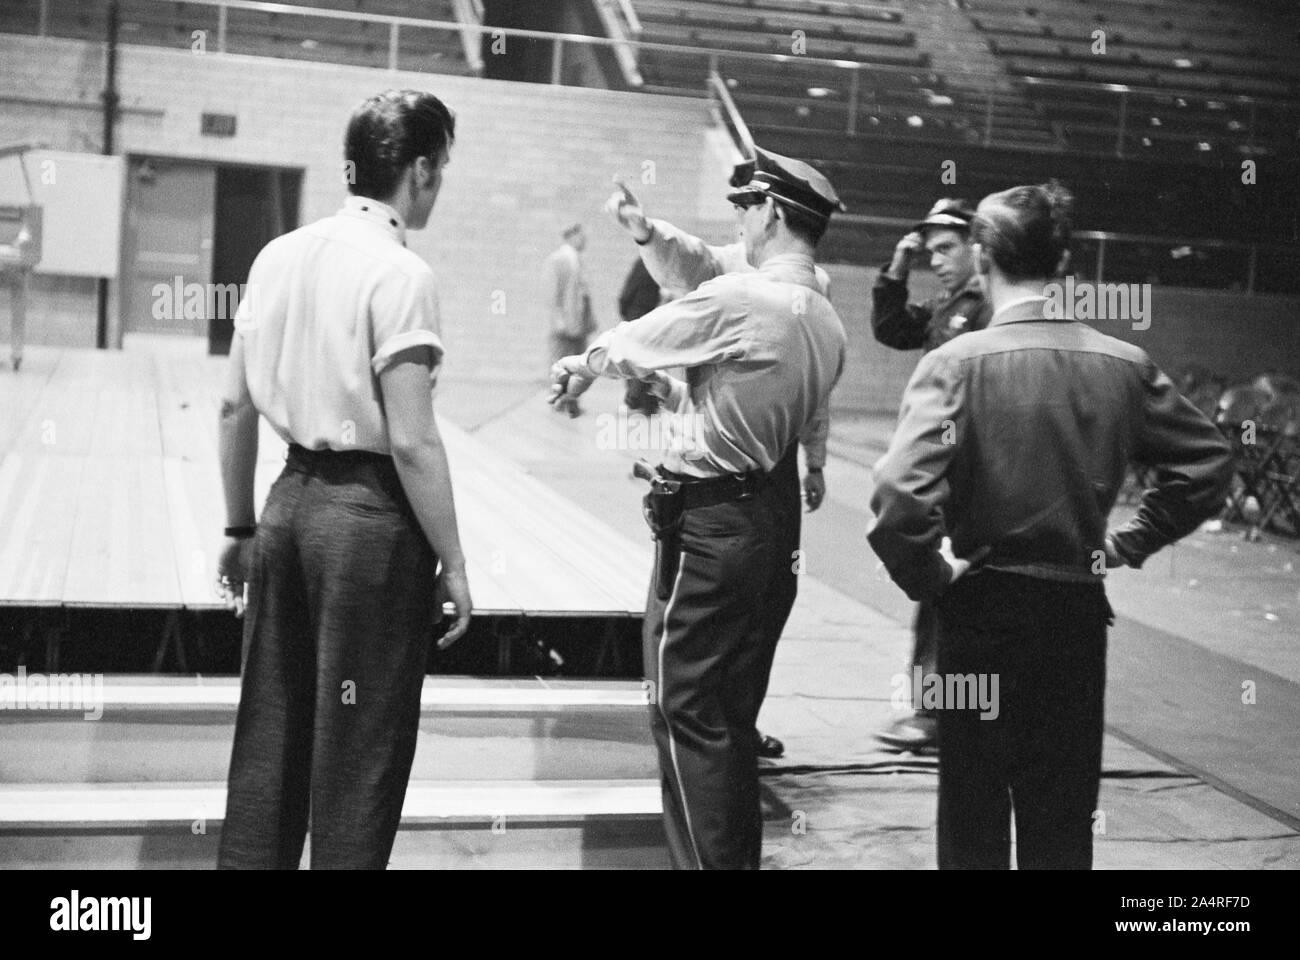 Elvis Presley habla con oficiales de la policía en la Universidad de Dayton Fieldhouse, 27 de mayo de 1956. Foto de stock